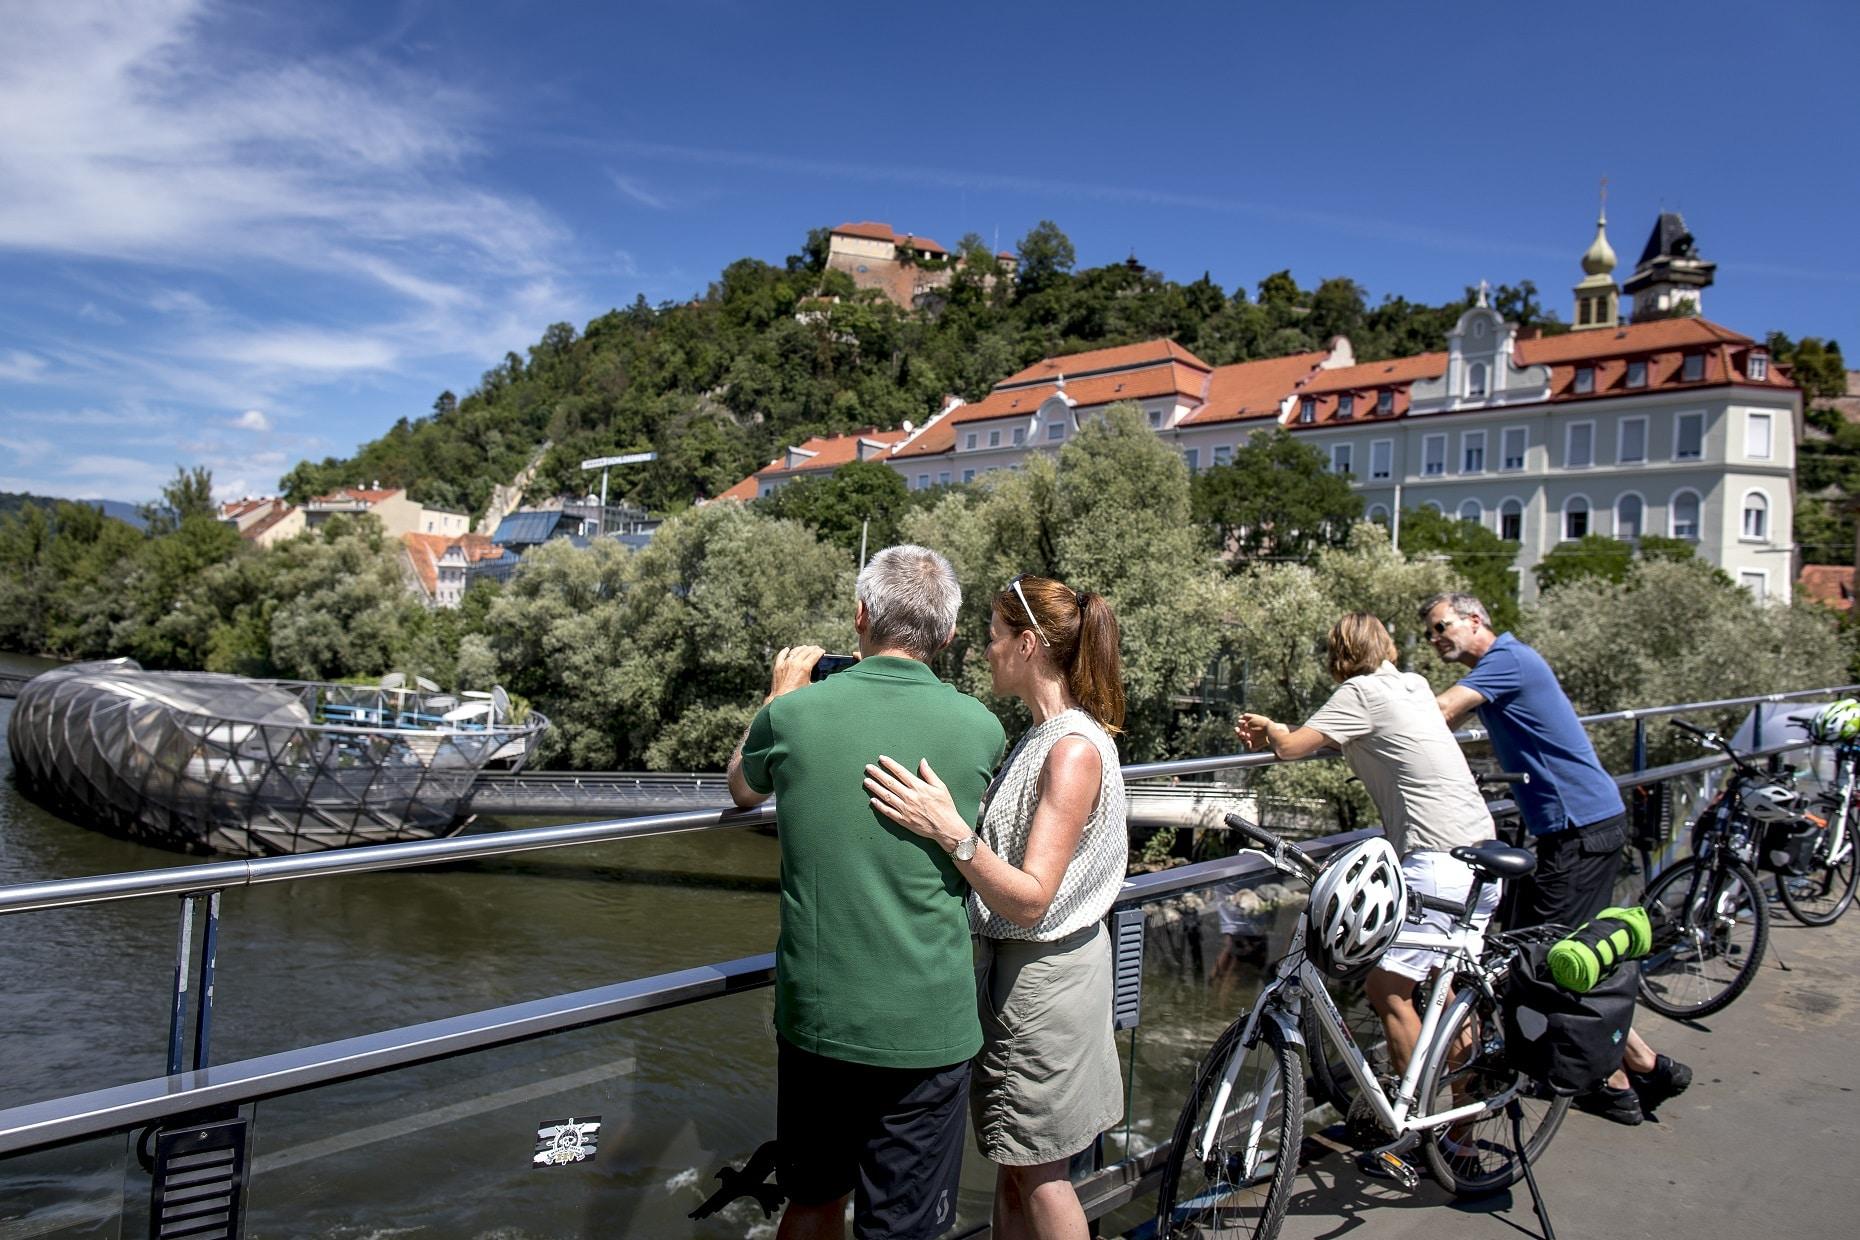 Blick auf die Acconci Insel(c) Steiermark Tourismus Tom Lamm